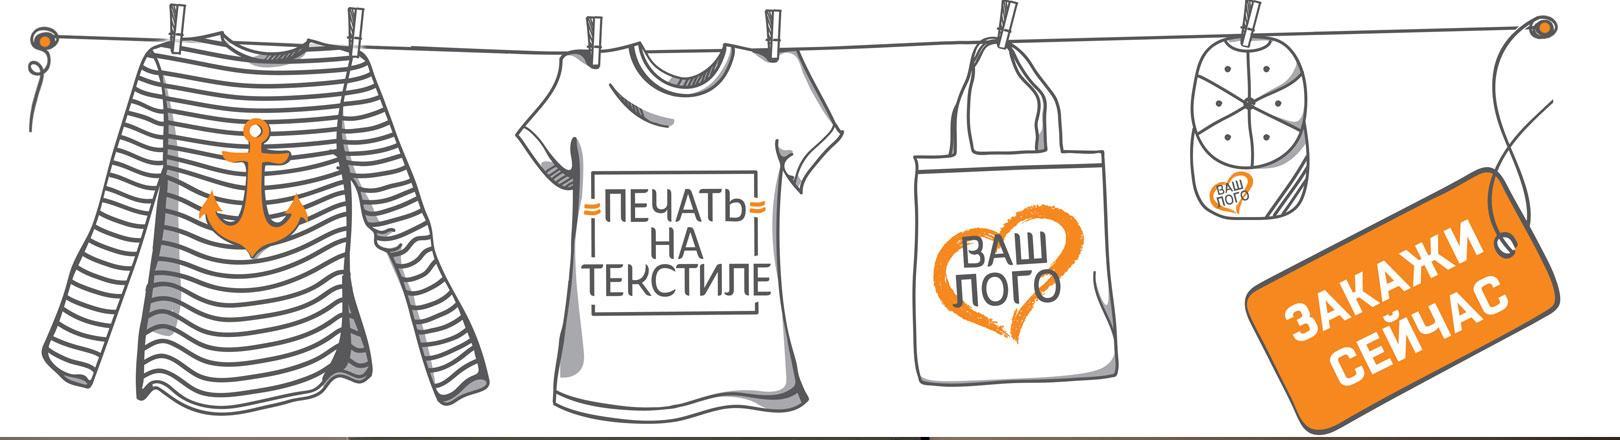 Печать на текстиле в СПб